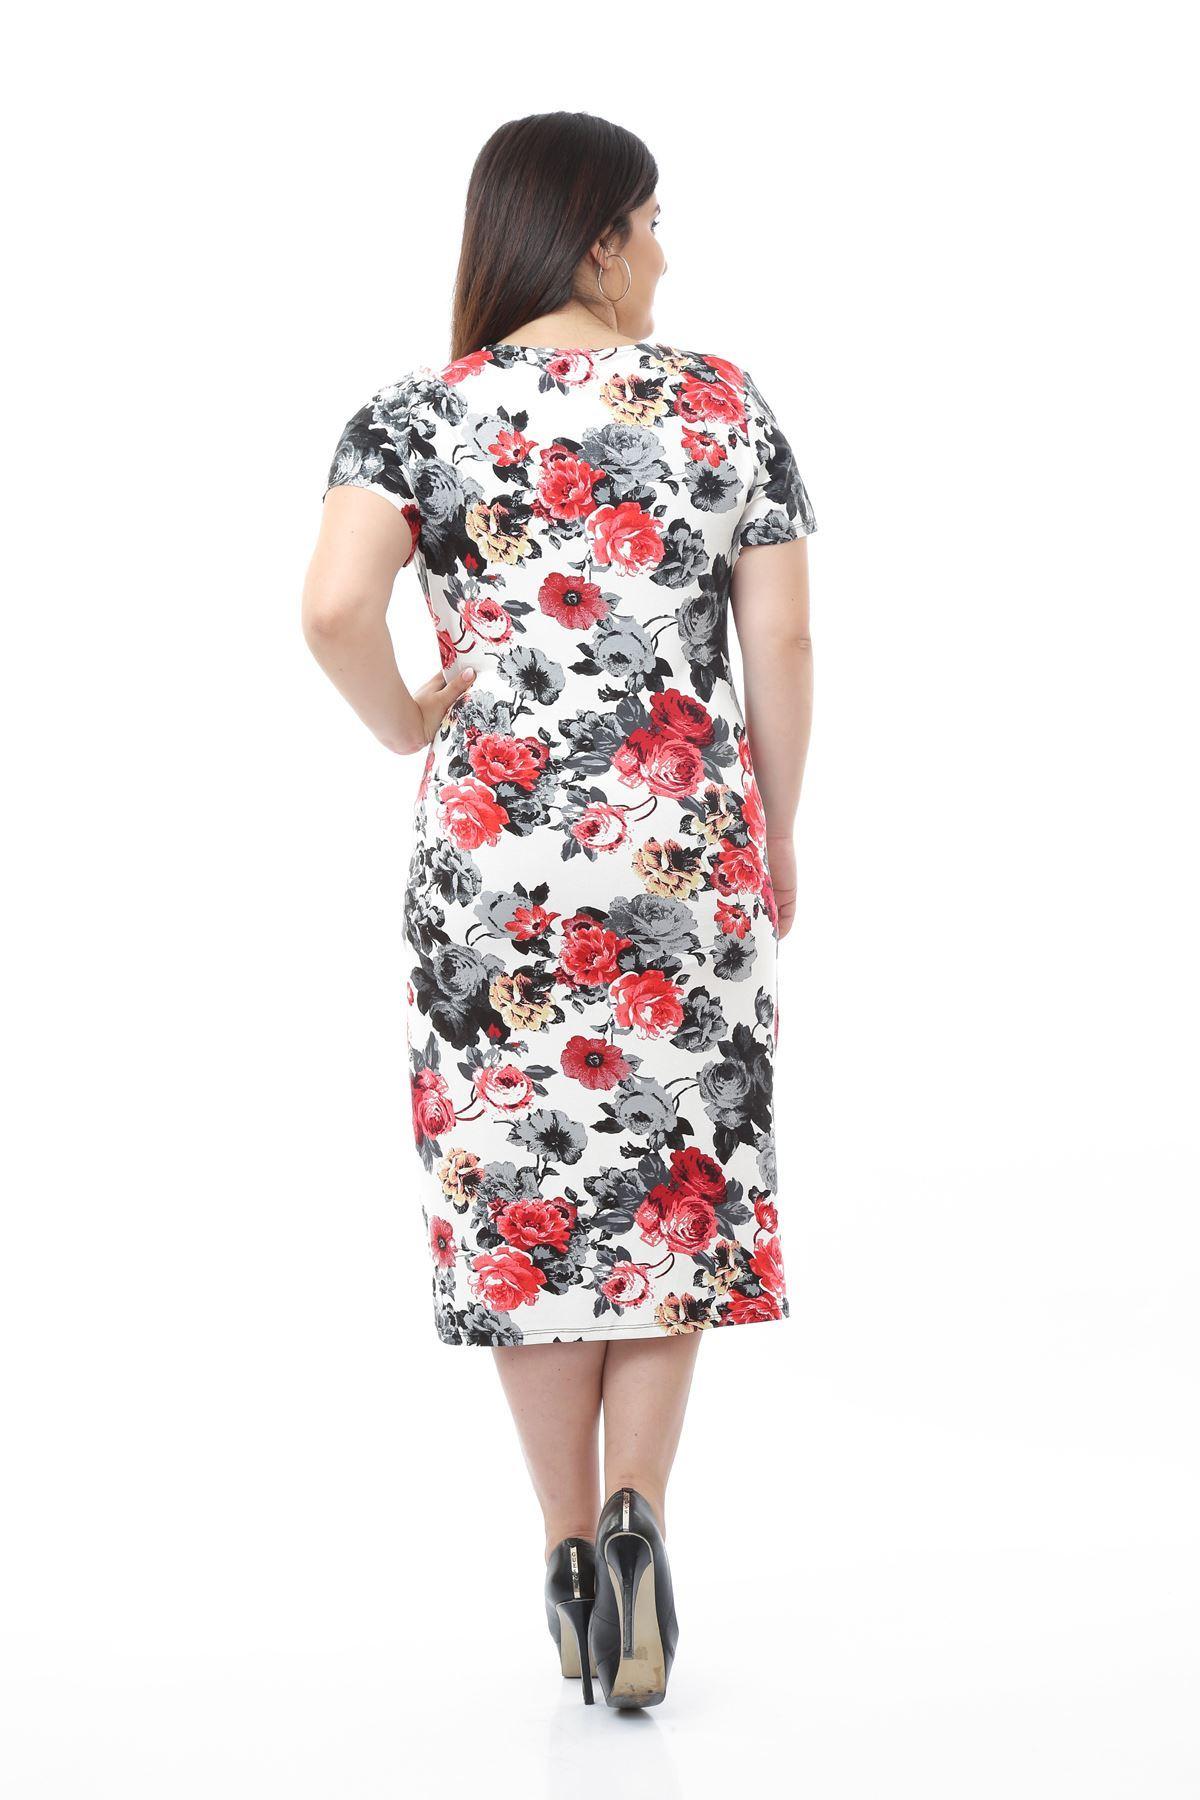 Çiçek Desenli Likralı Viskon Büyük Beden Elbise 1D-0663